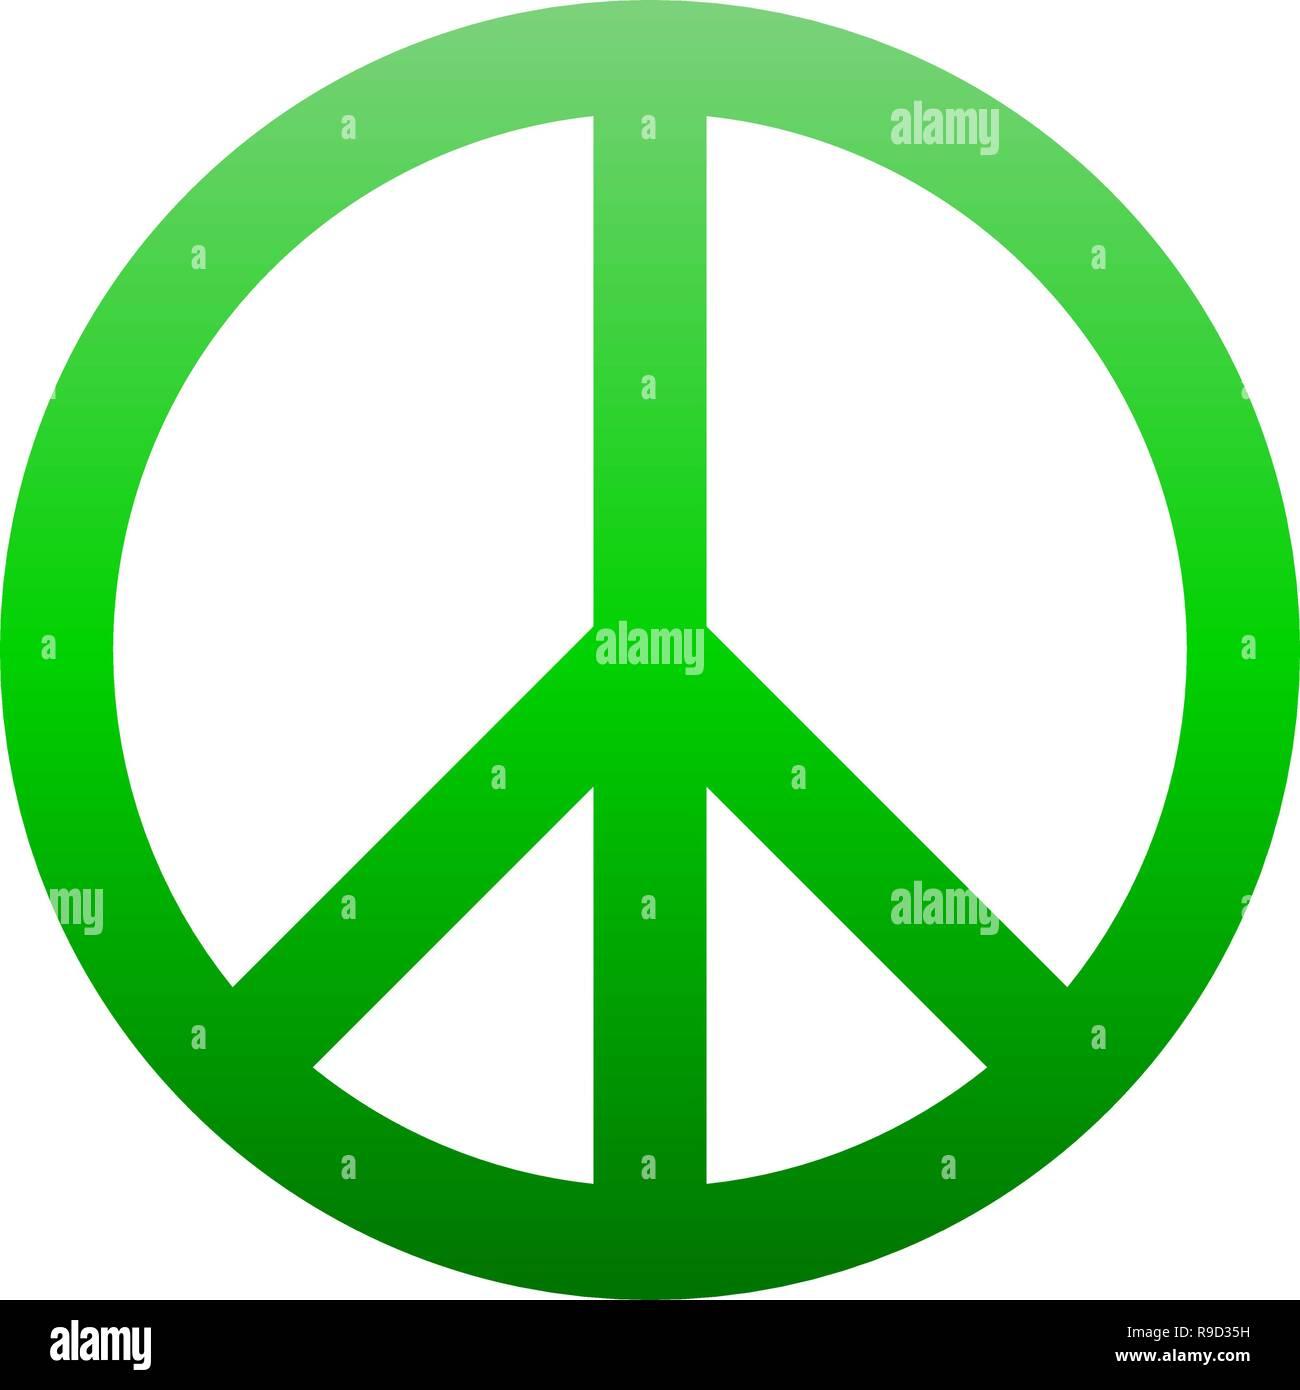 Symbole de la paix - vert icône gradient simple, isolée - vector illustration Photo Stock